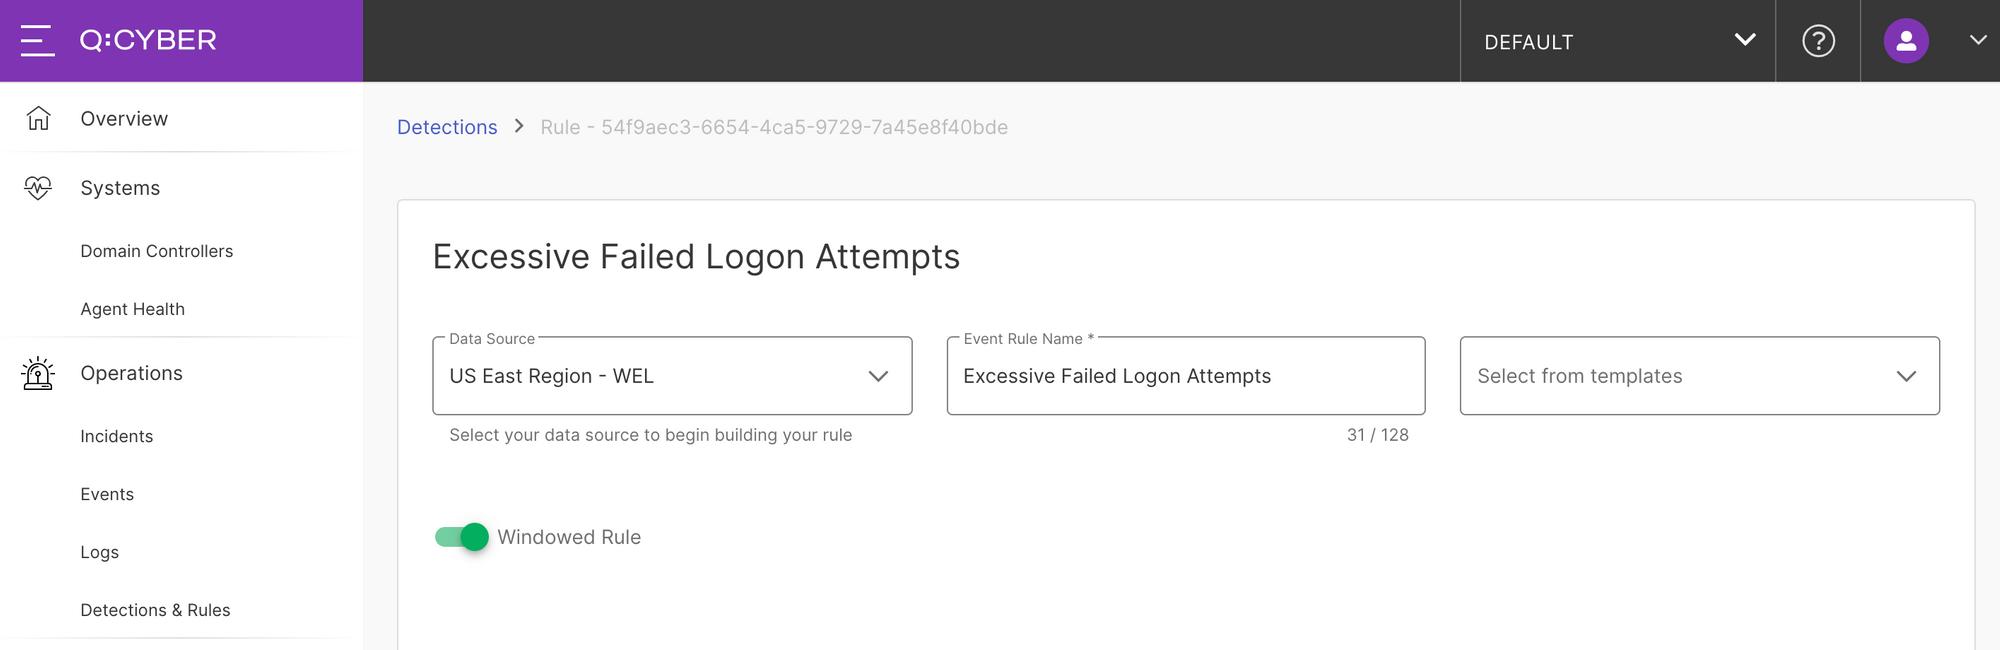 failed login attempts screen